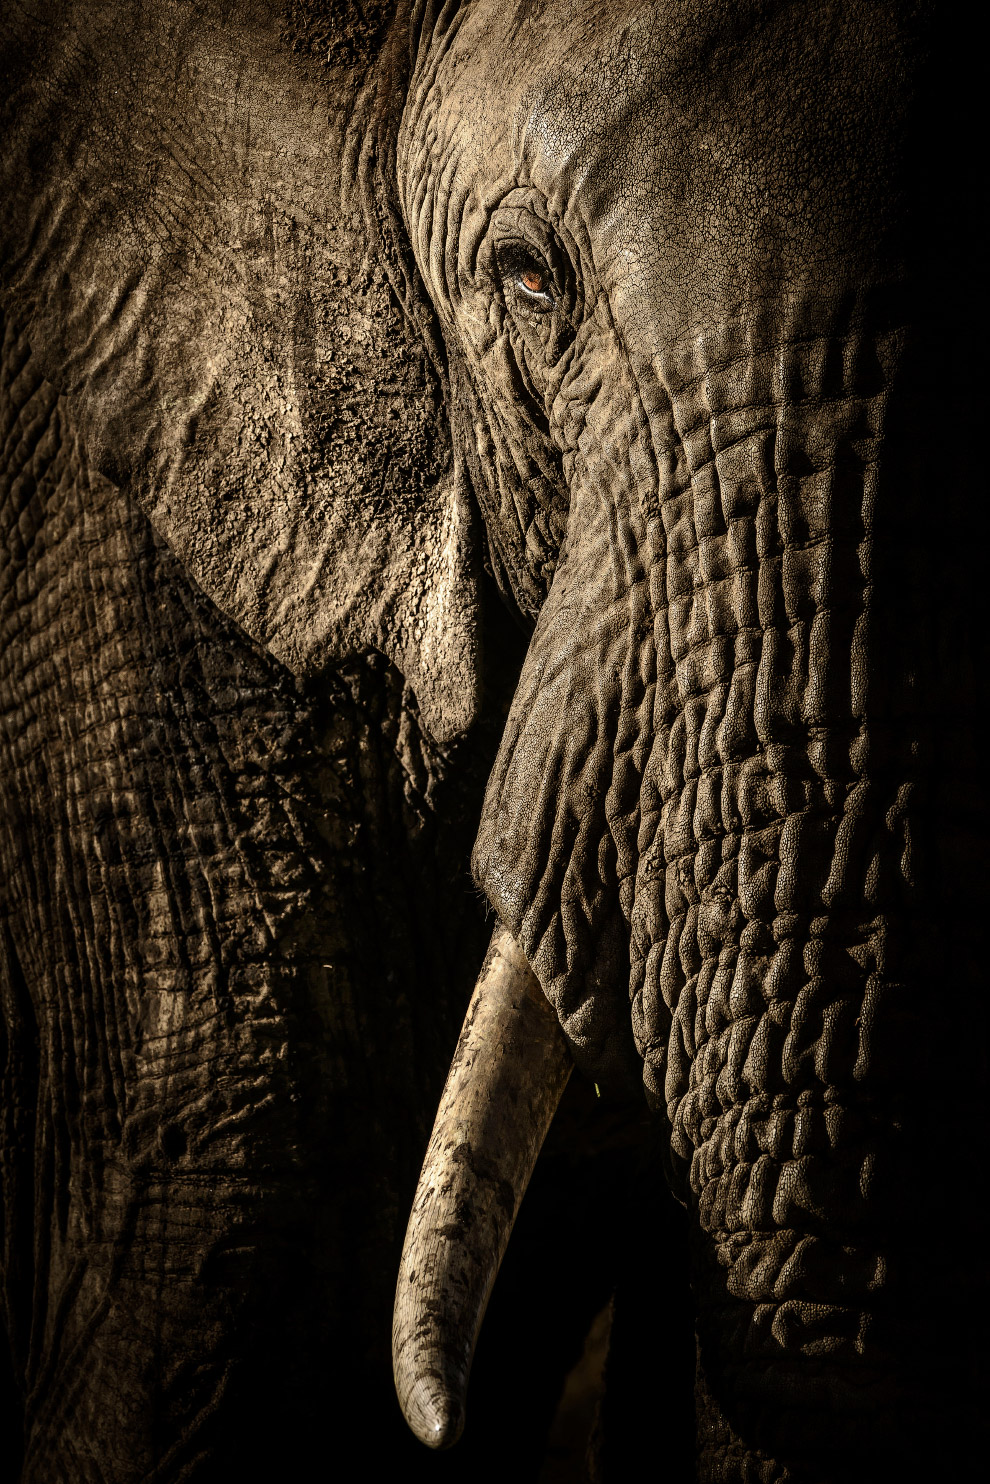 Взгляд слона